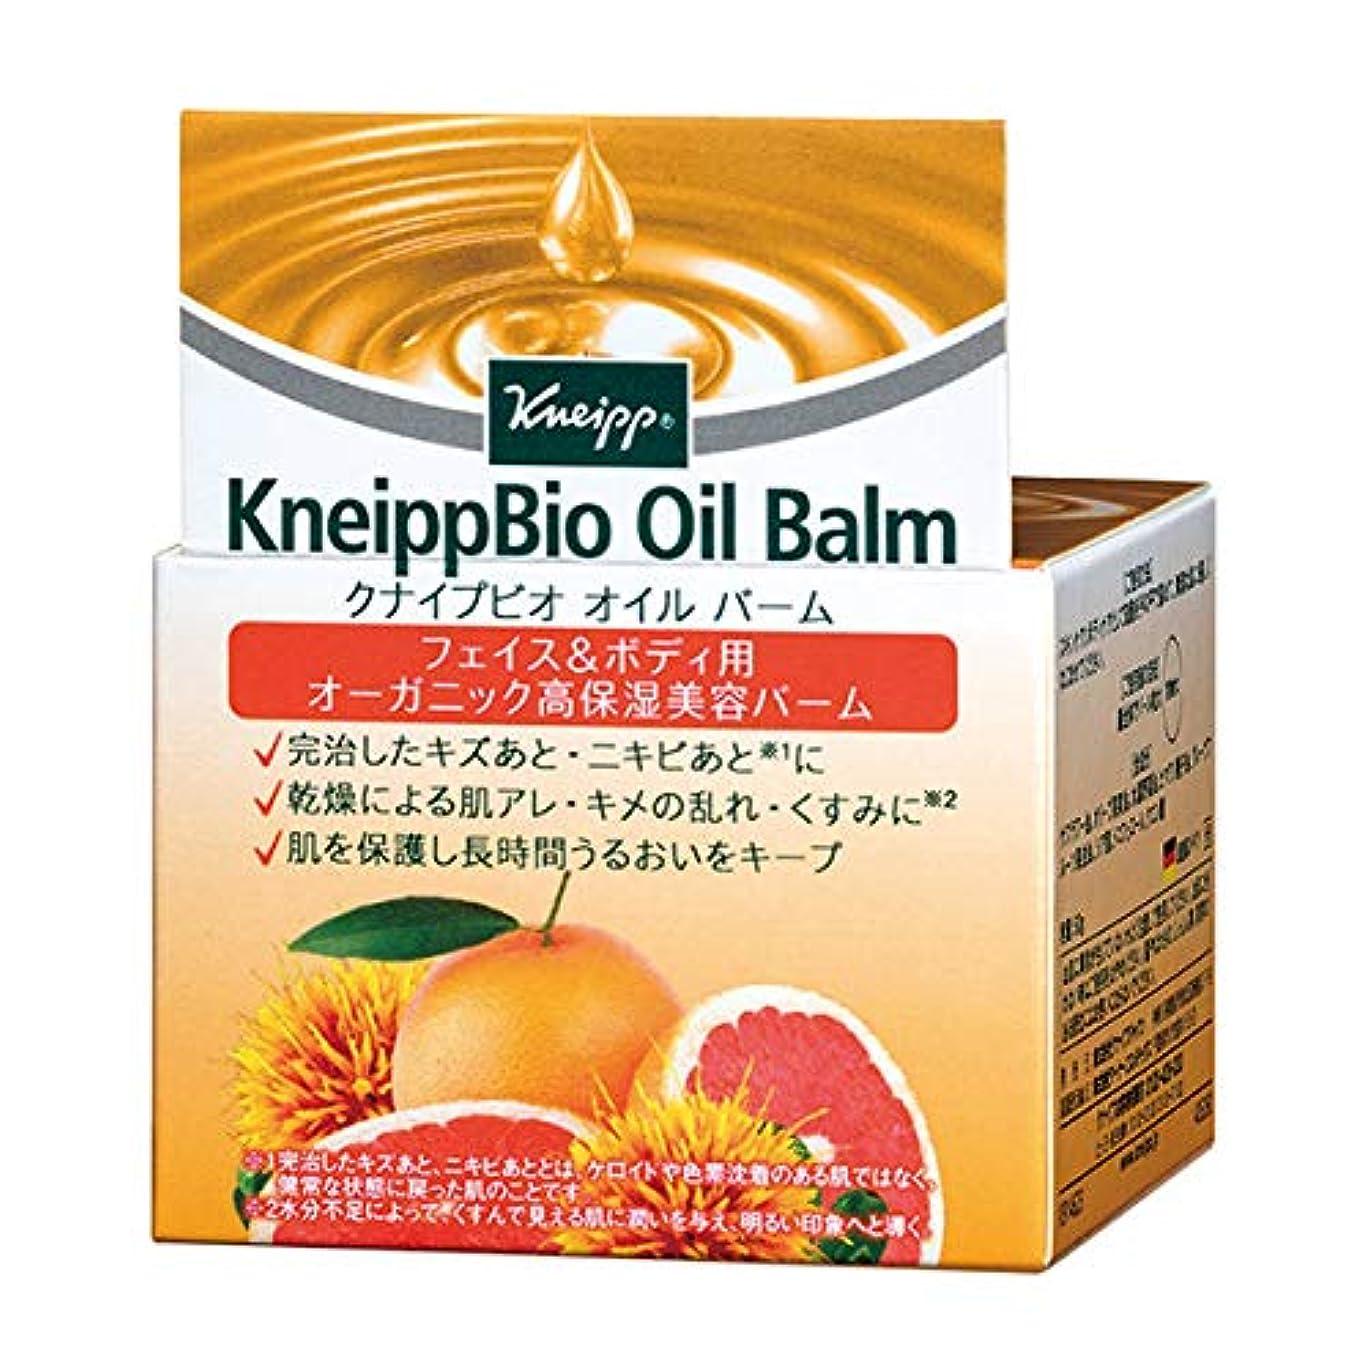 レンズ符号群集クナイプ(Kneipp) クナイプビオ オイル バーム 50g 美容液